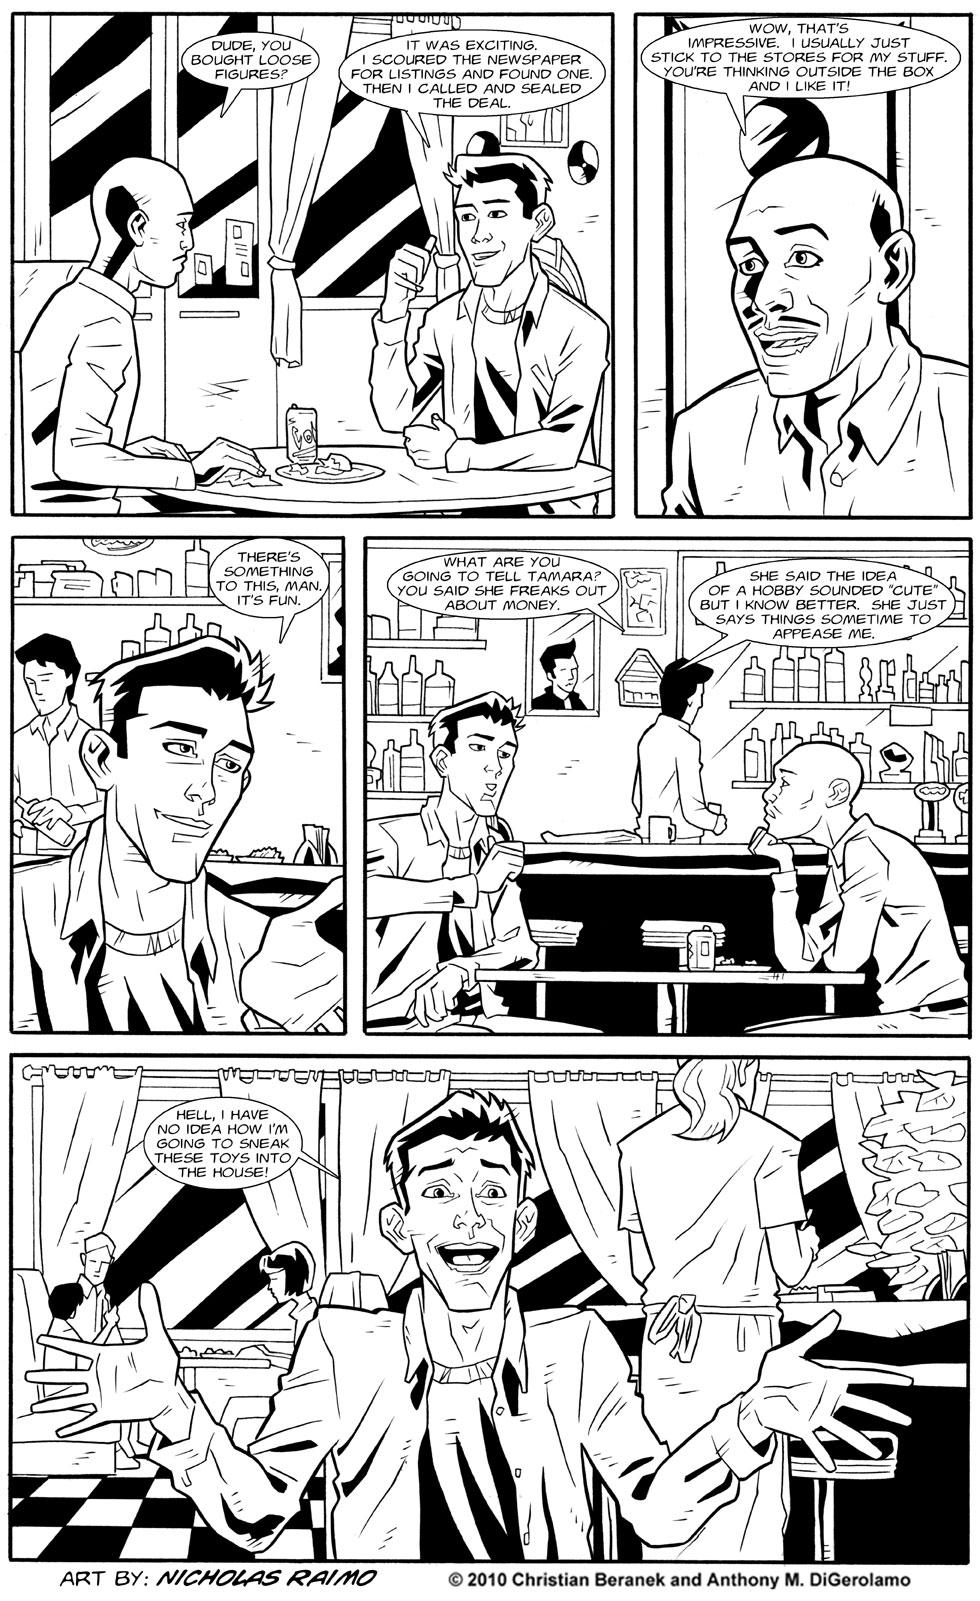 Dealers: Diner Strategizing